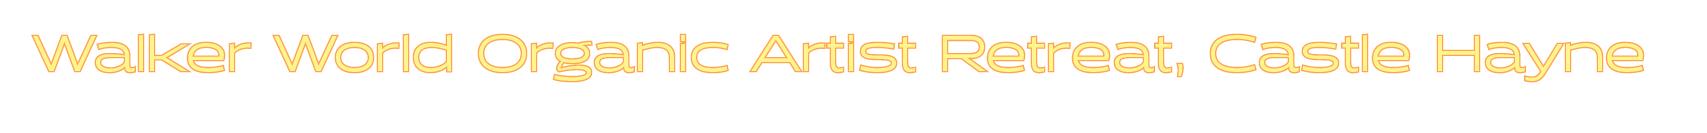 Walker World Organic Artist Retreat